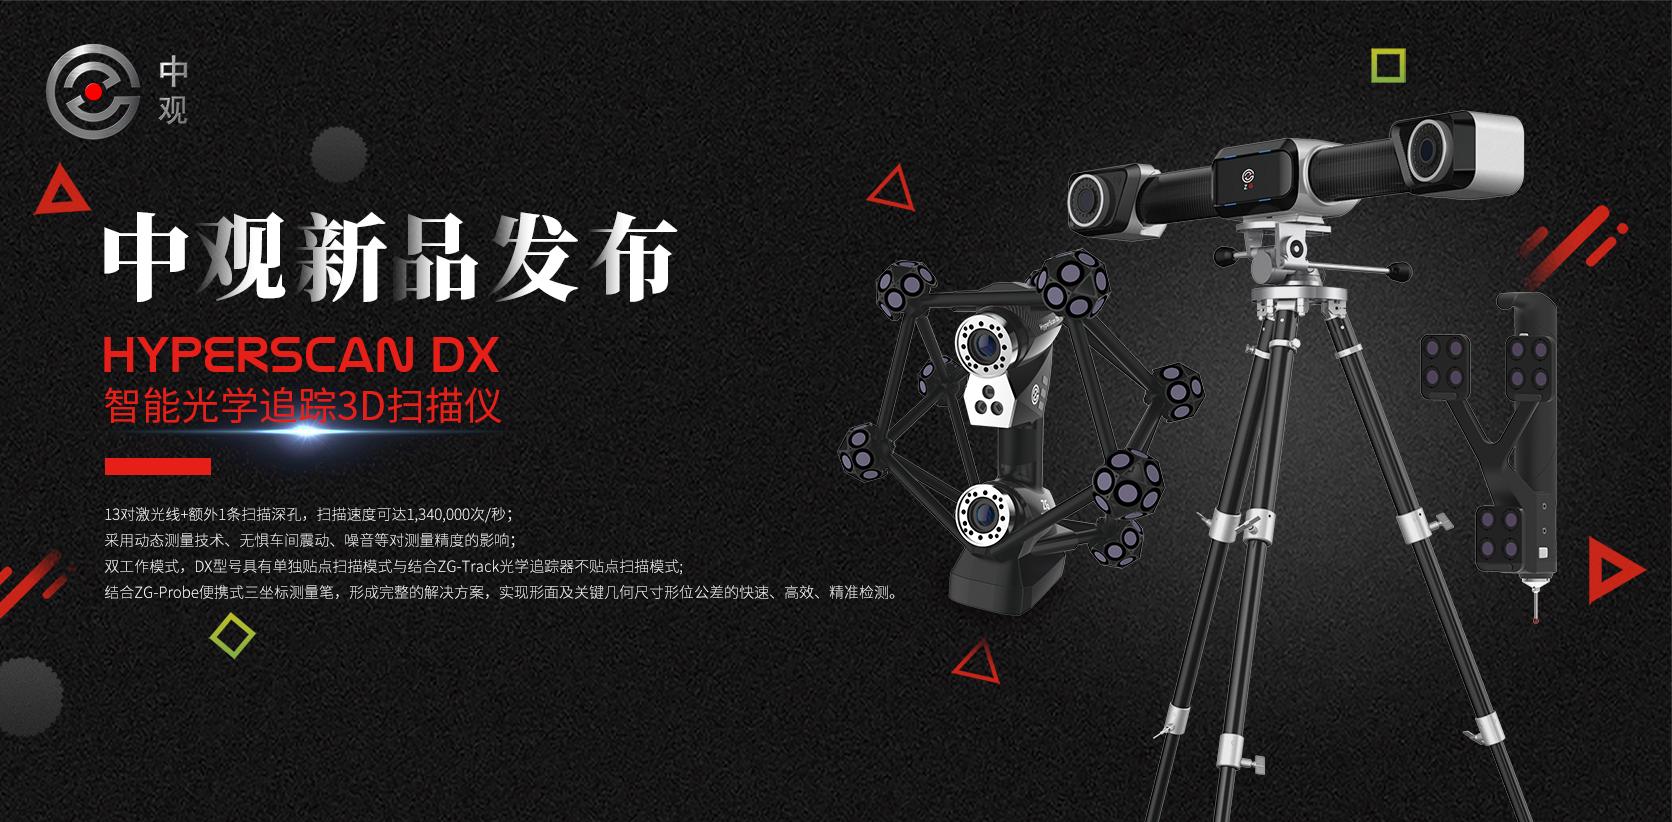 中观在CIOE 2019发布全新HyperScan DX智能光学追踪3D扫描仪